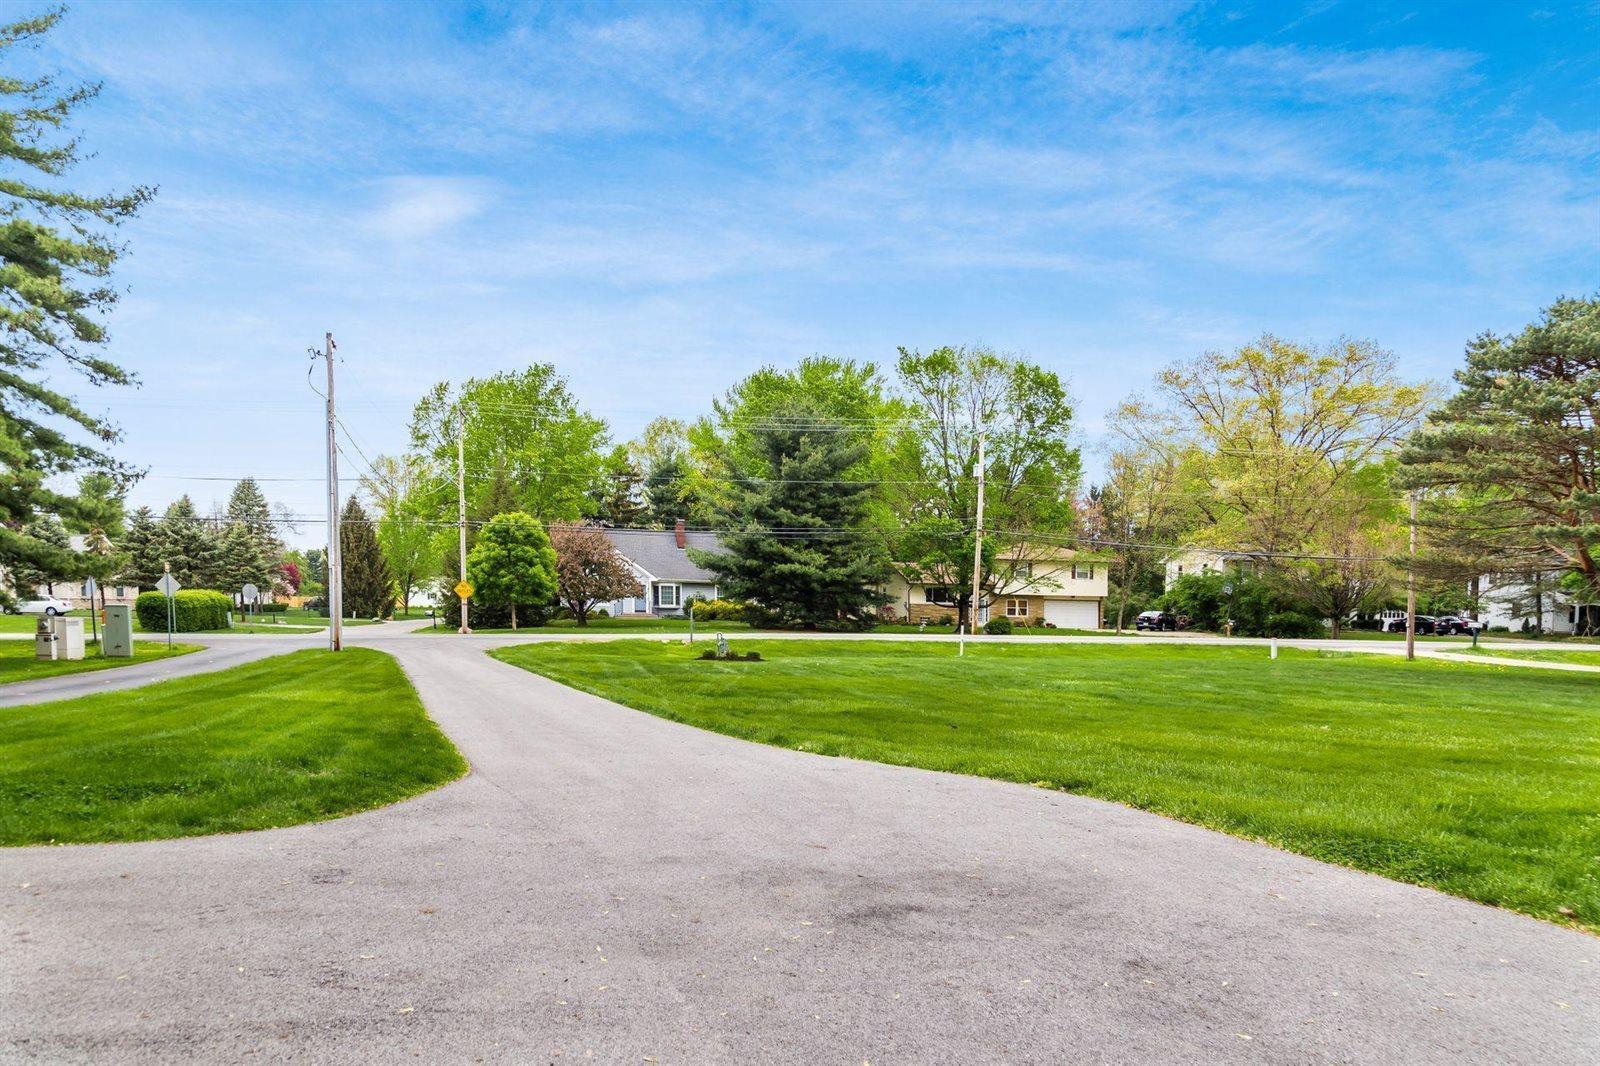 6636 Worthington Galena Road, Worthington, OH 43085